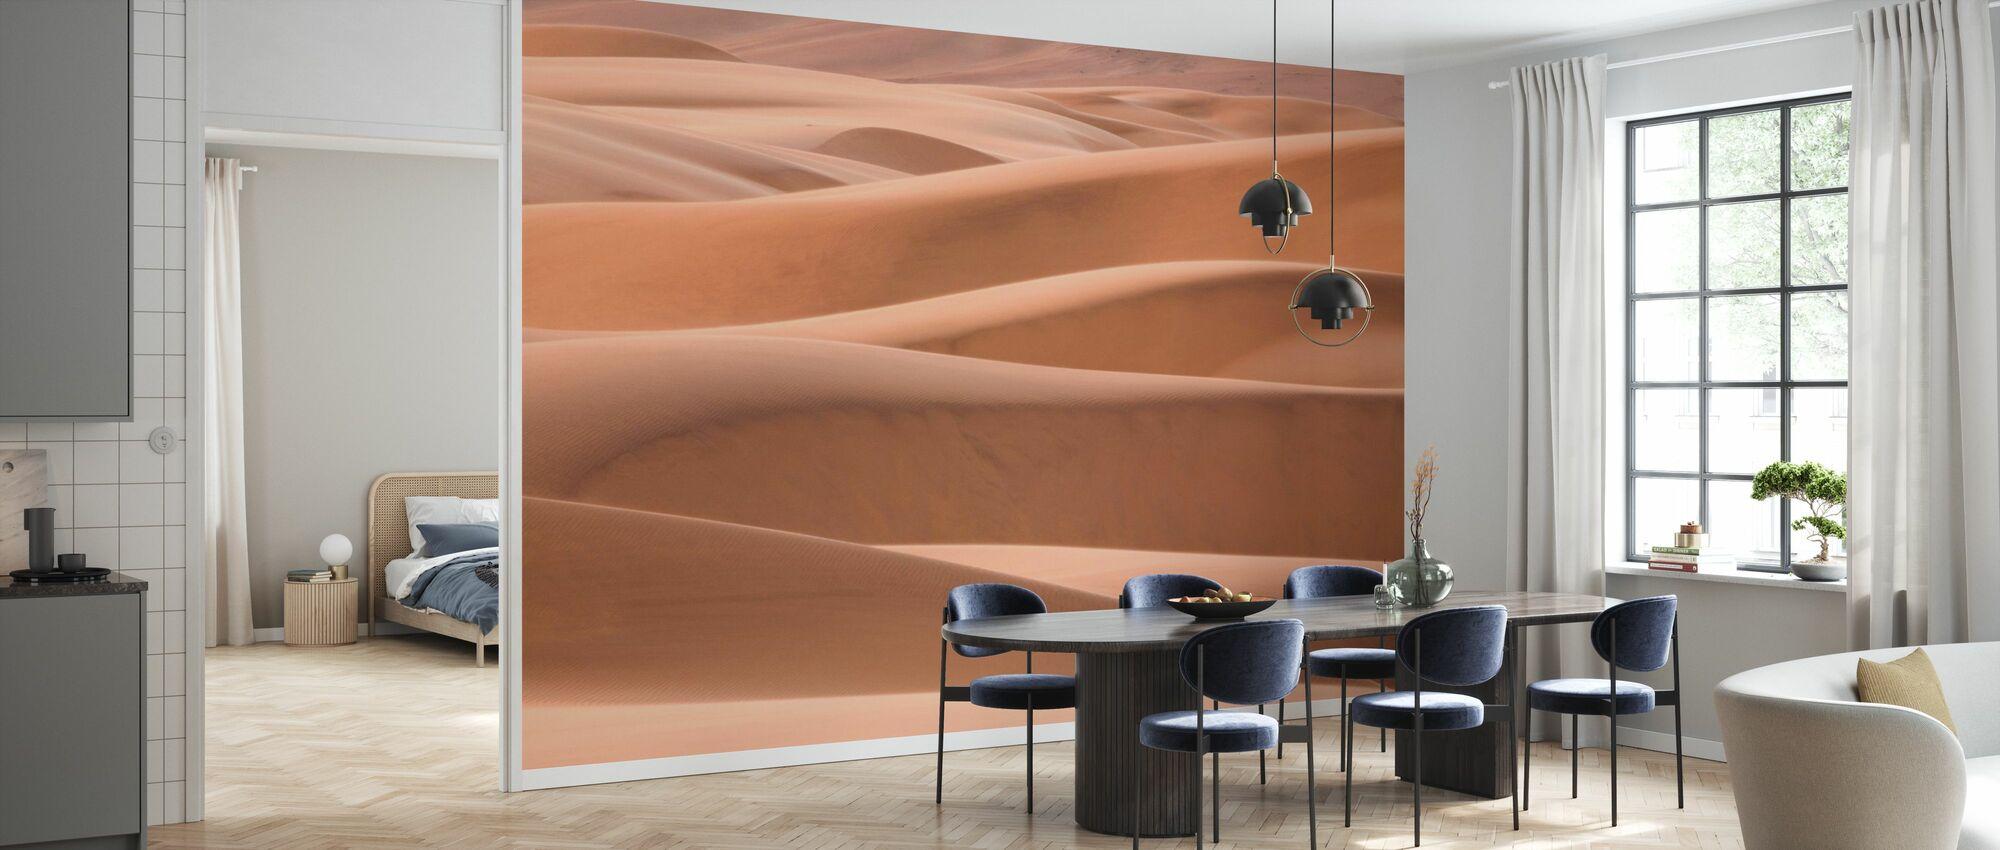 Dunes of the Desert - Wallpaper - Kitchen